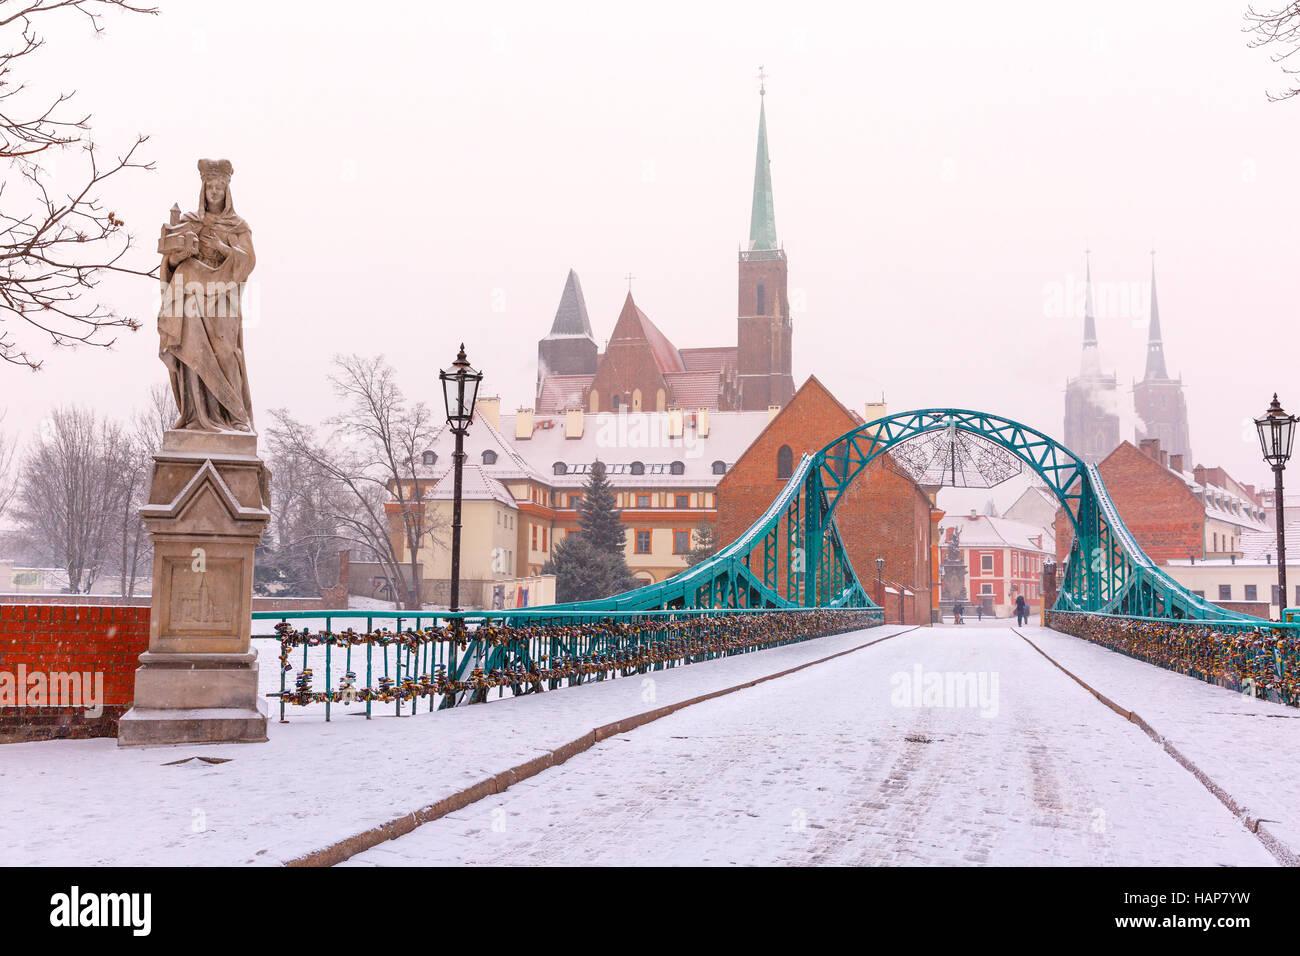 Tumski Bridge in snowy winter day, Wroclaw, Poland Stock Photo